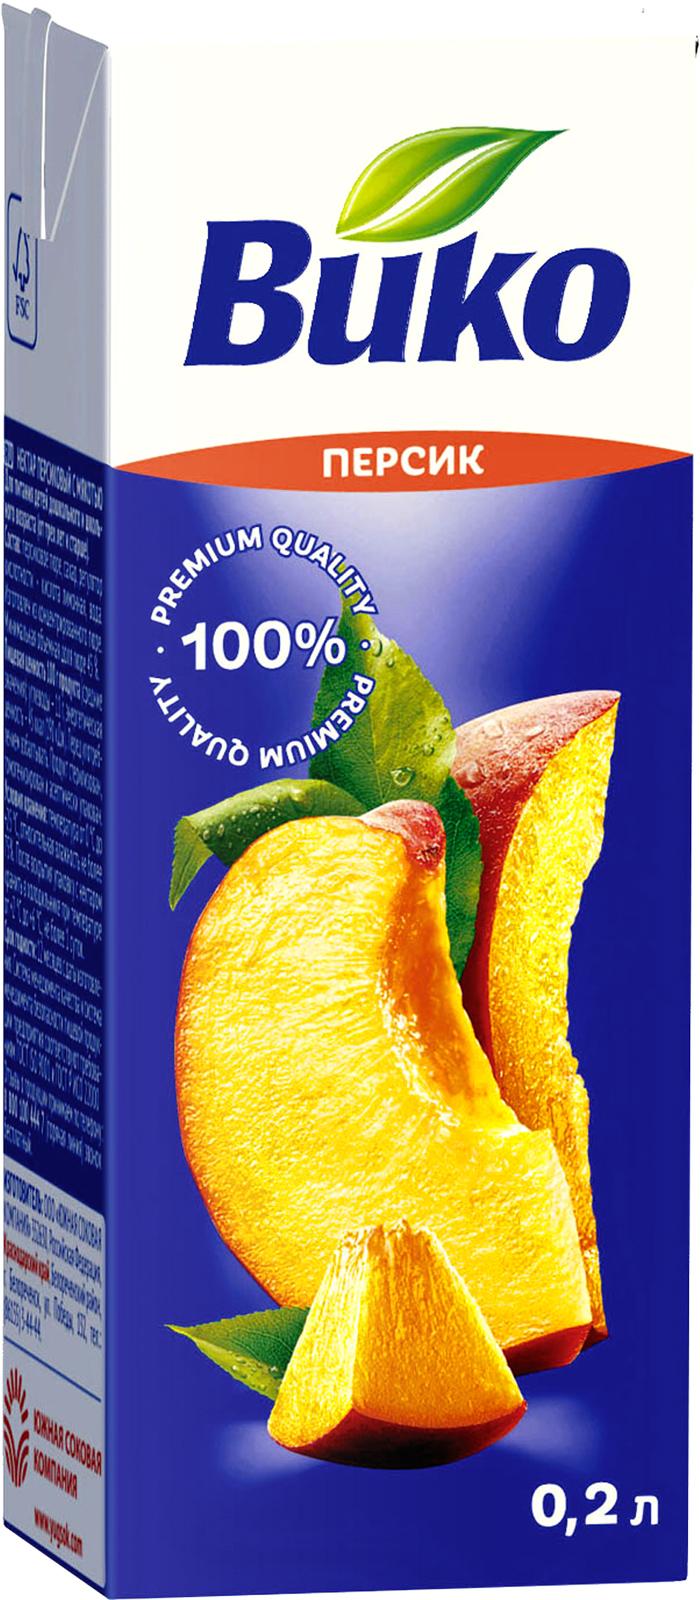 Нектар Вико персиковый с мякотью 200 мл